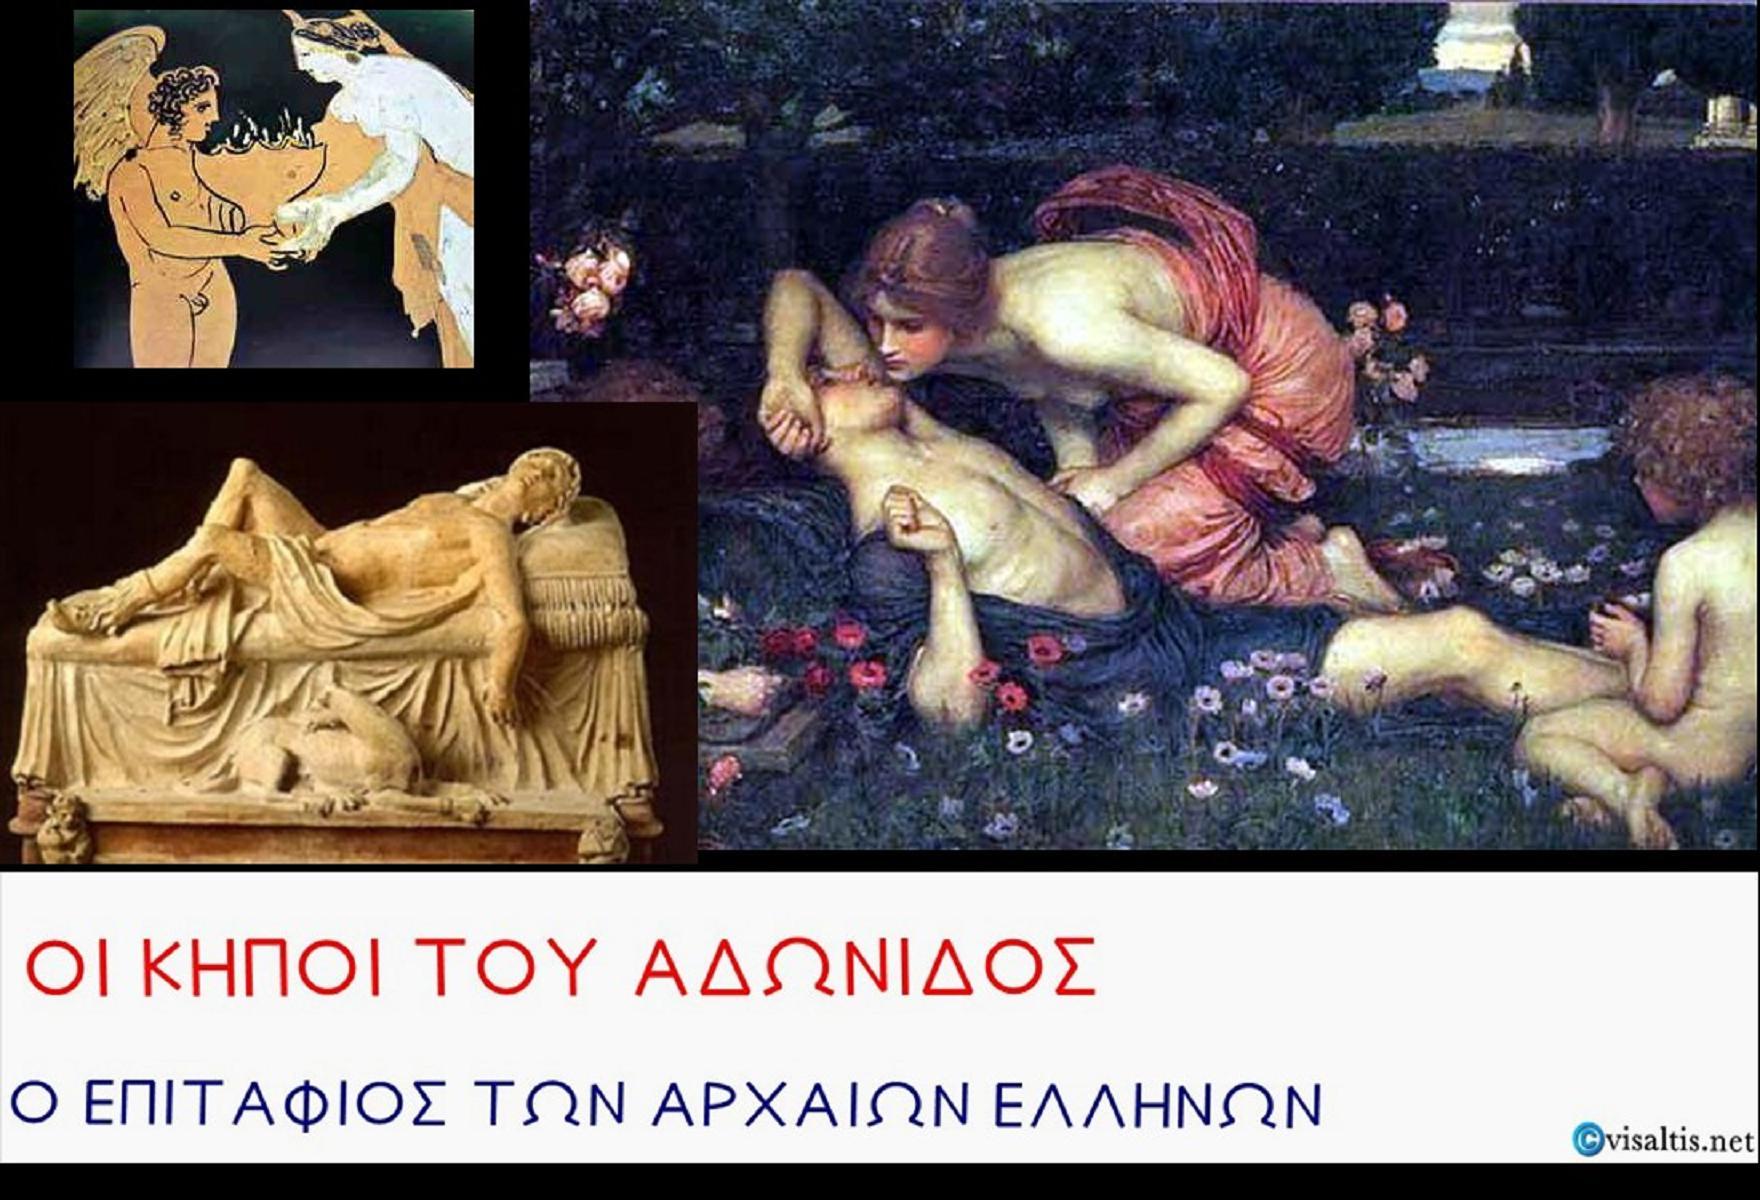 Τὰ Ἀδώνεια καὶ ὁ κῆπος τοῦ Ἀδώνιδος.